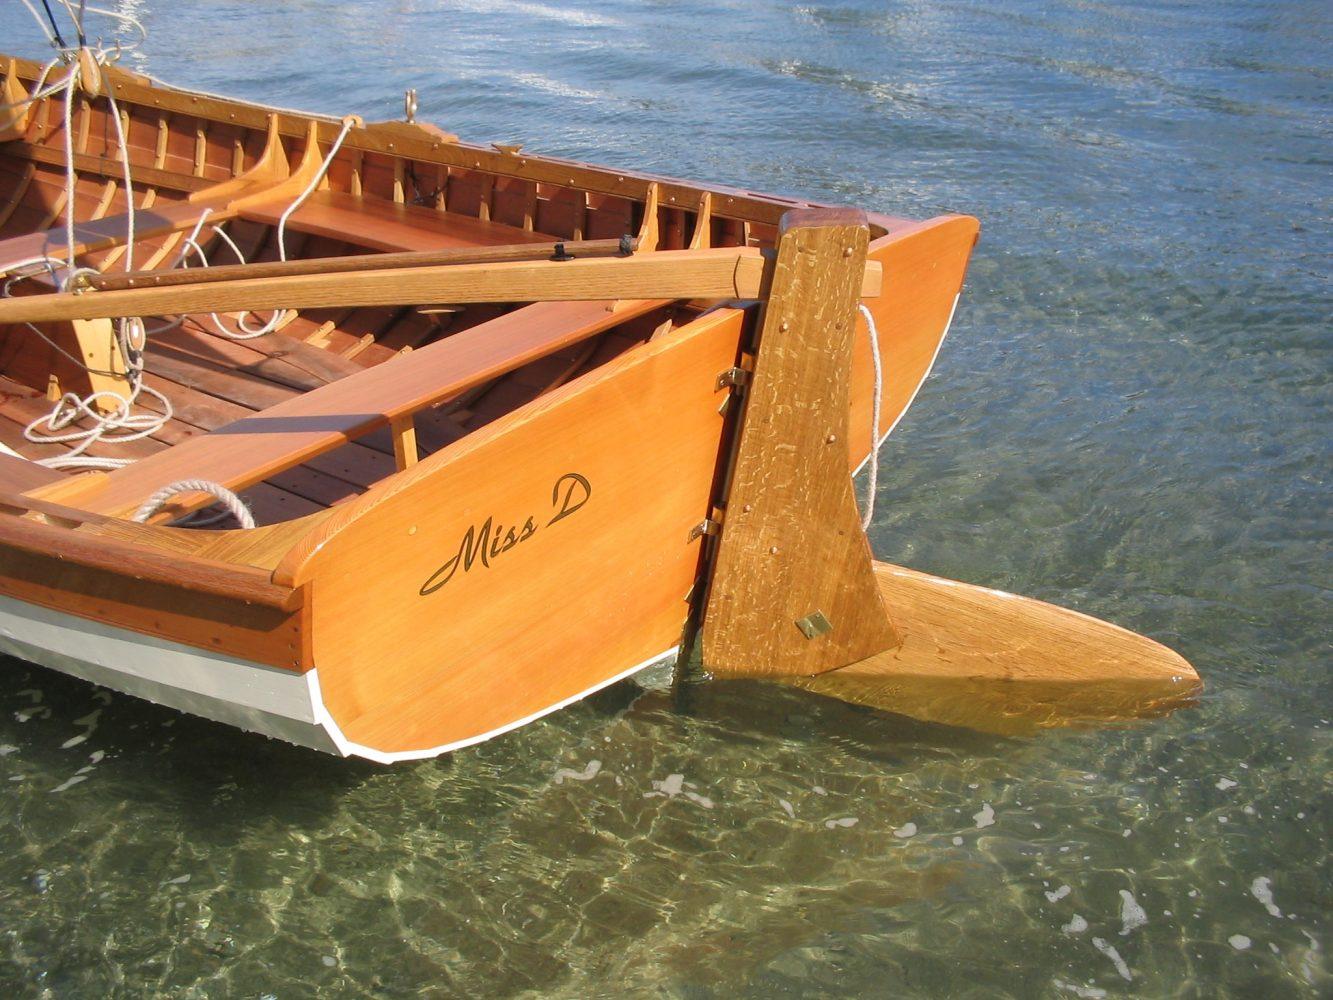 Paul Gartside designed Skylark dinghy transom detail